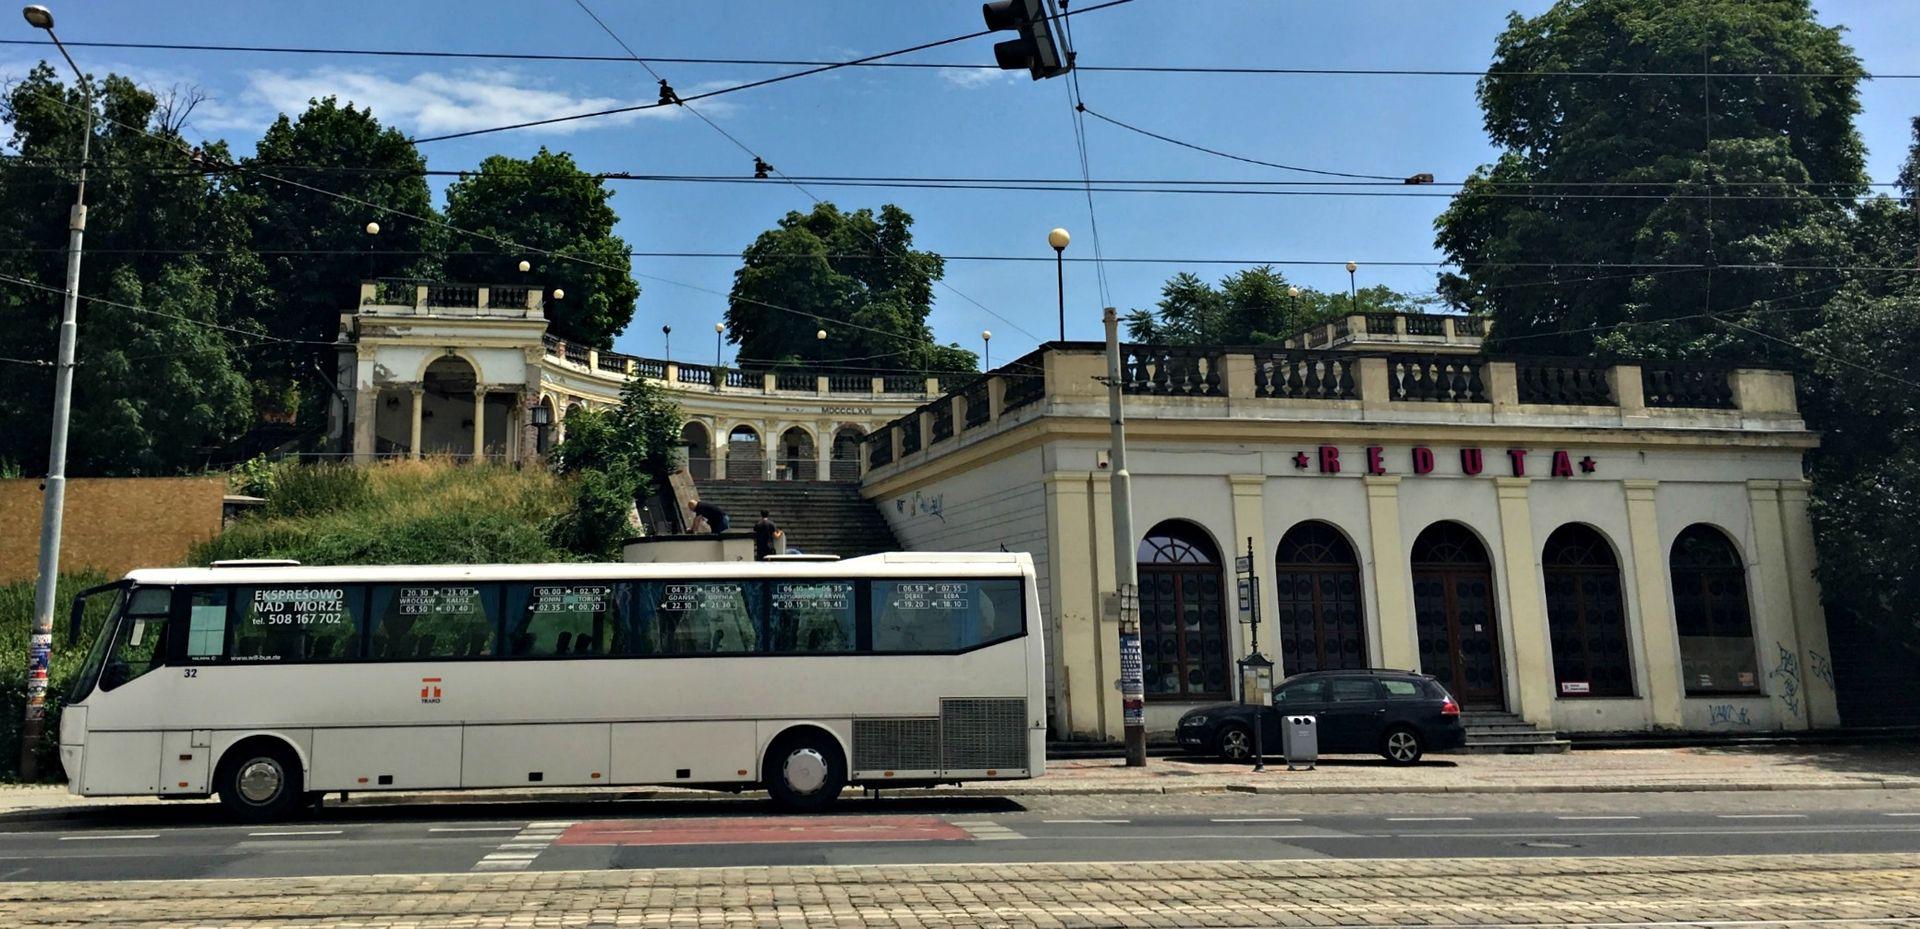 [Wrocław] Drugie życie Wzgórza Partyzantów. Miasto chce odtworzyć gloriettę